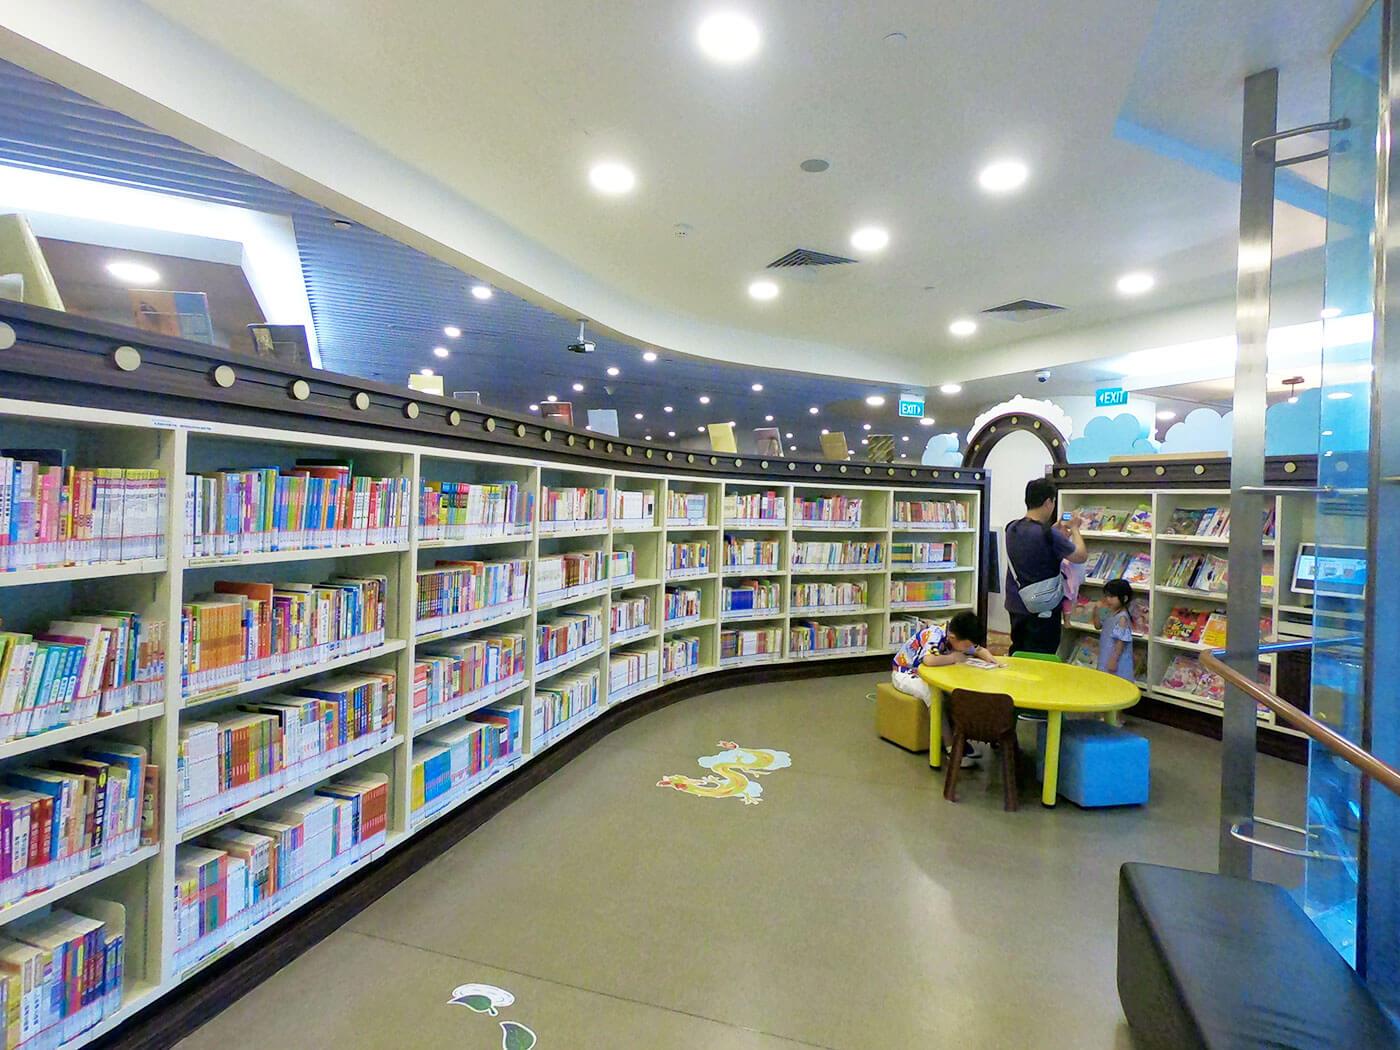 唐城坊图书馆